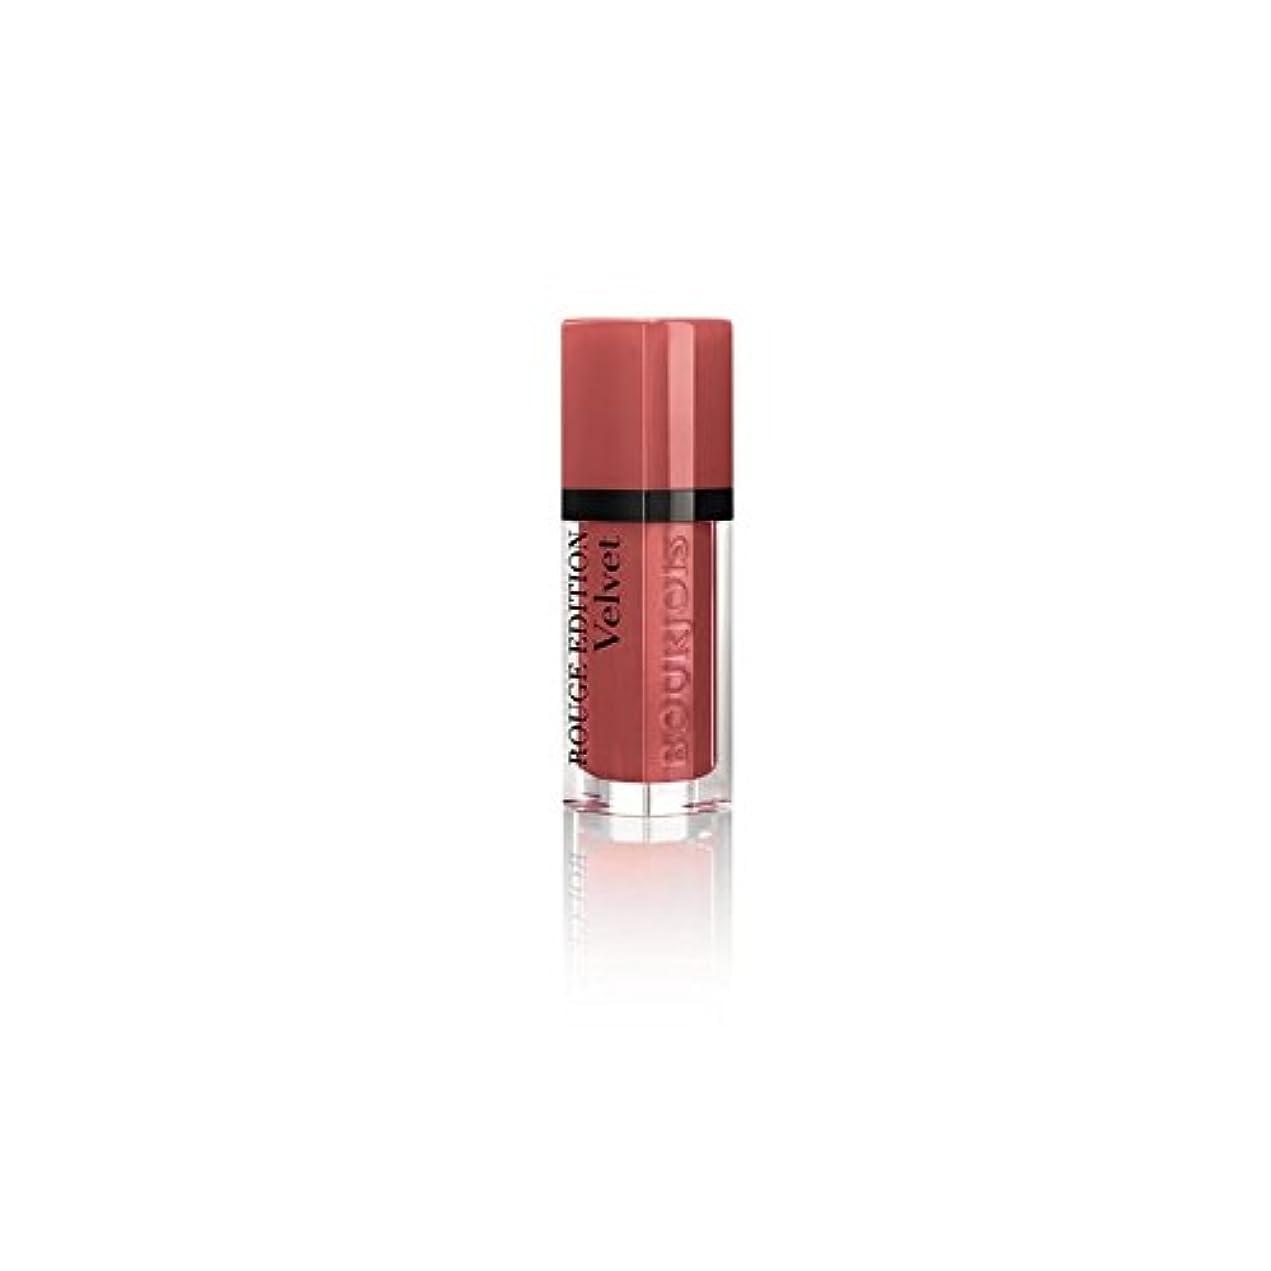 パイプ火山のちっちゃいBourjois Rouge Edition Velvet Lipstick Beau Brun T12 (Pack of 6) - ブルジョワルージュ版ベルベットの口紅ボウ?ブラン 12 x6 [並行輸入品]